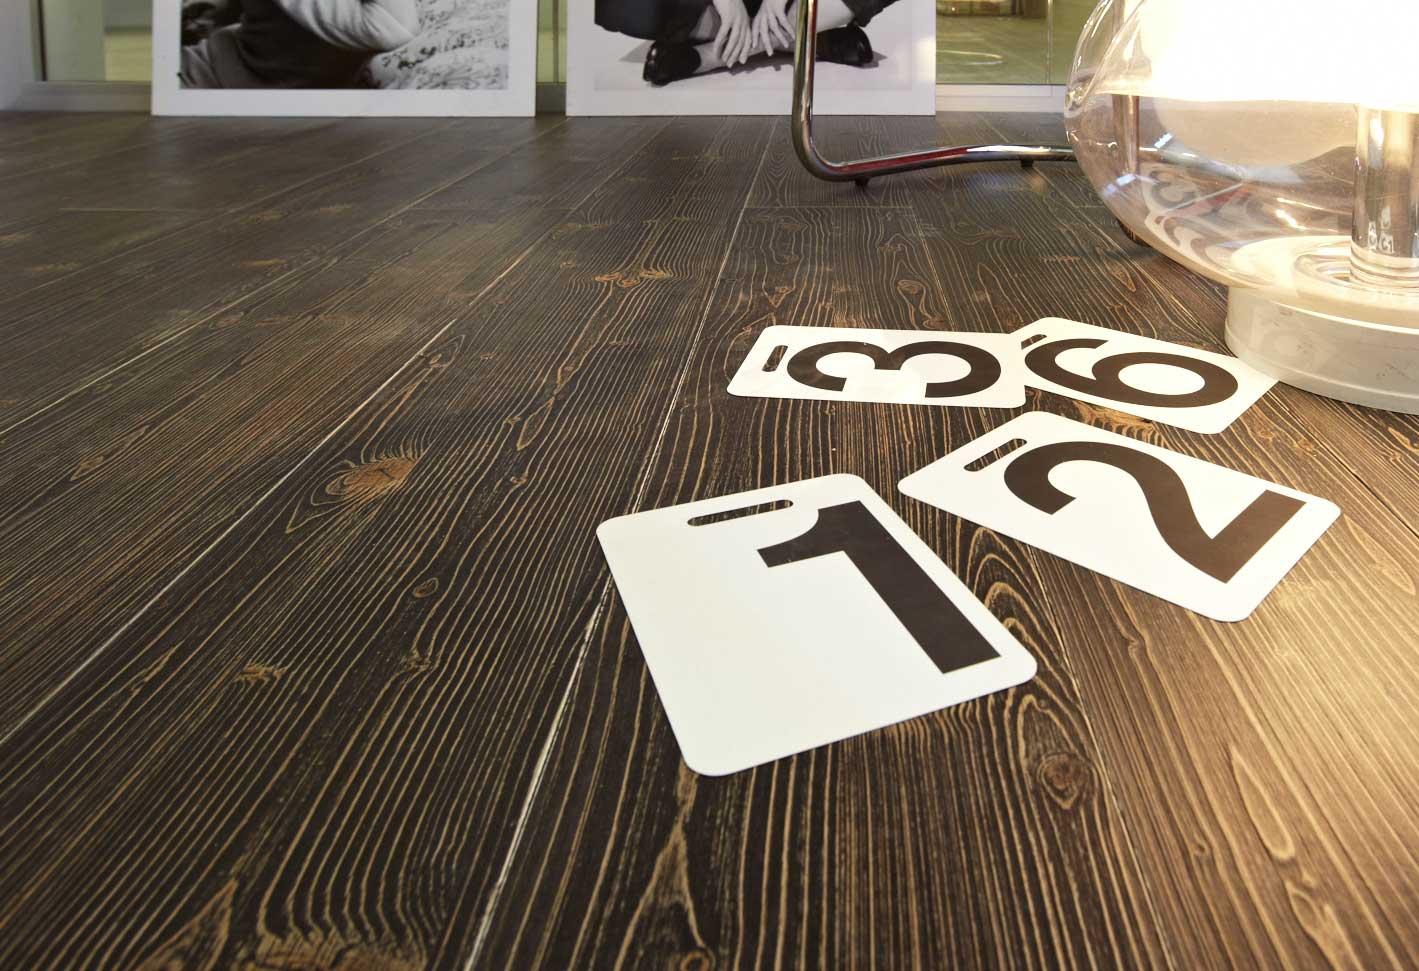 parquet color marrone scuro con numeri civici su foglio A4